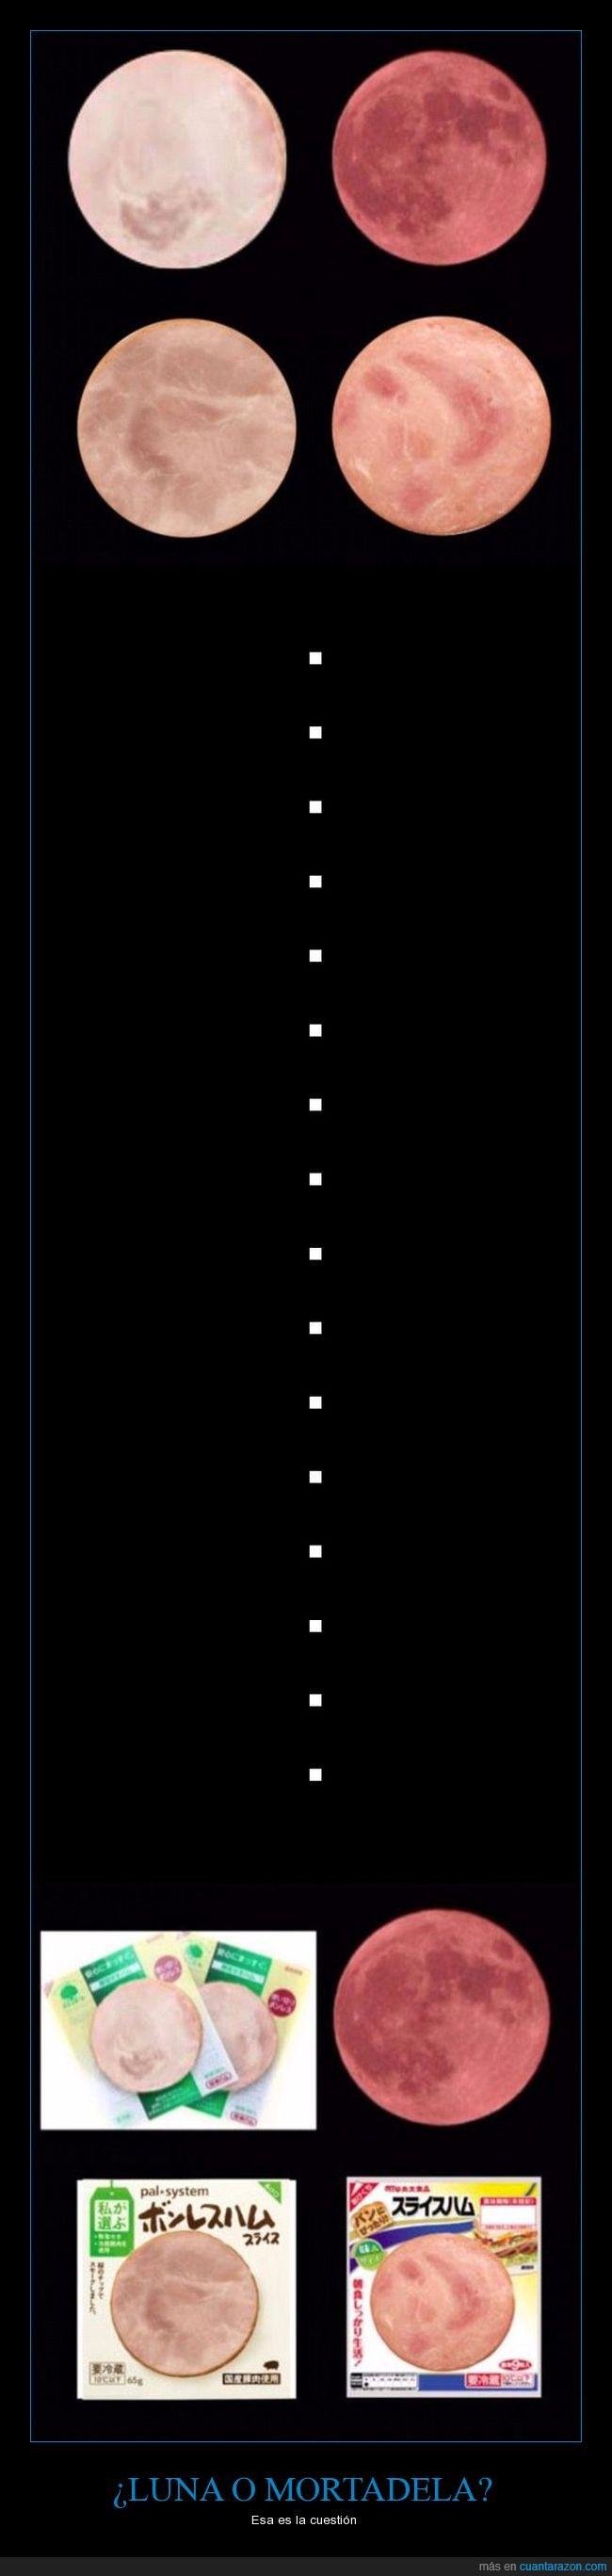 ilusión óptica,luna,mortadela,wtf